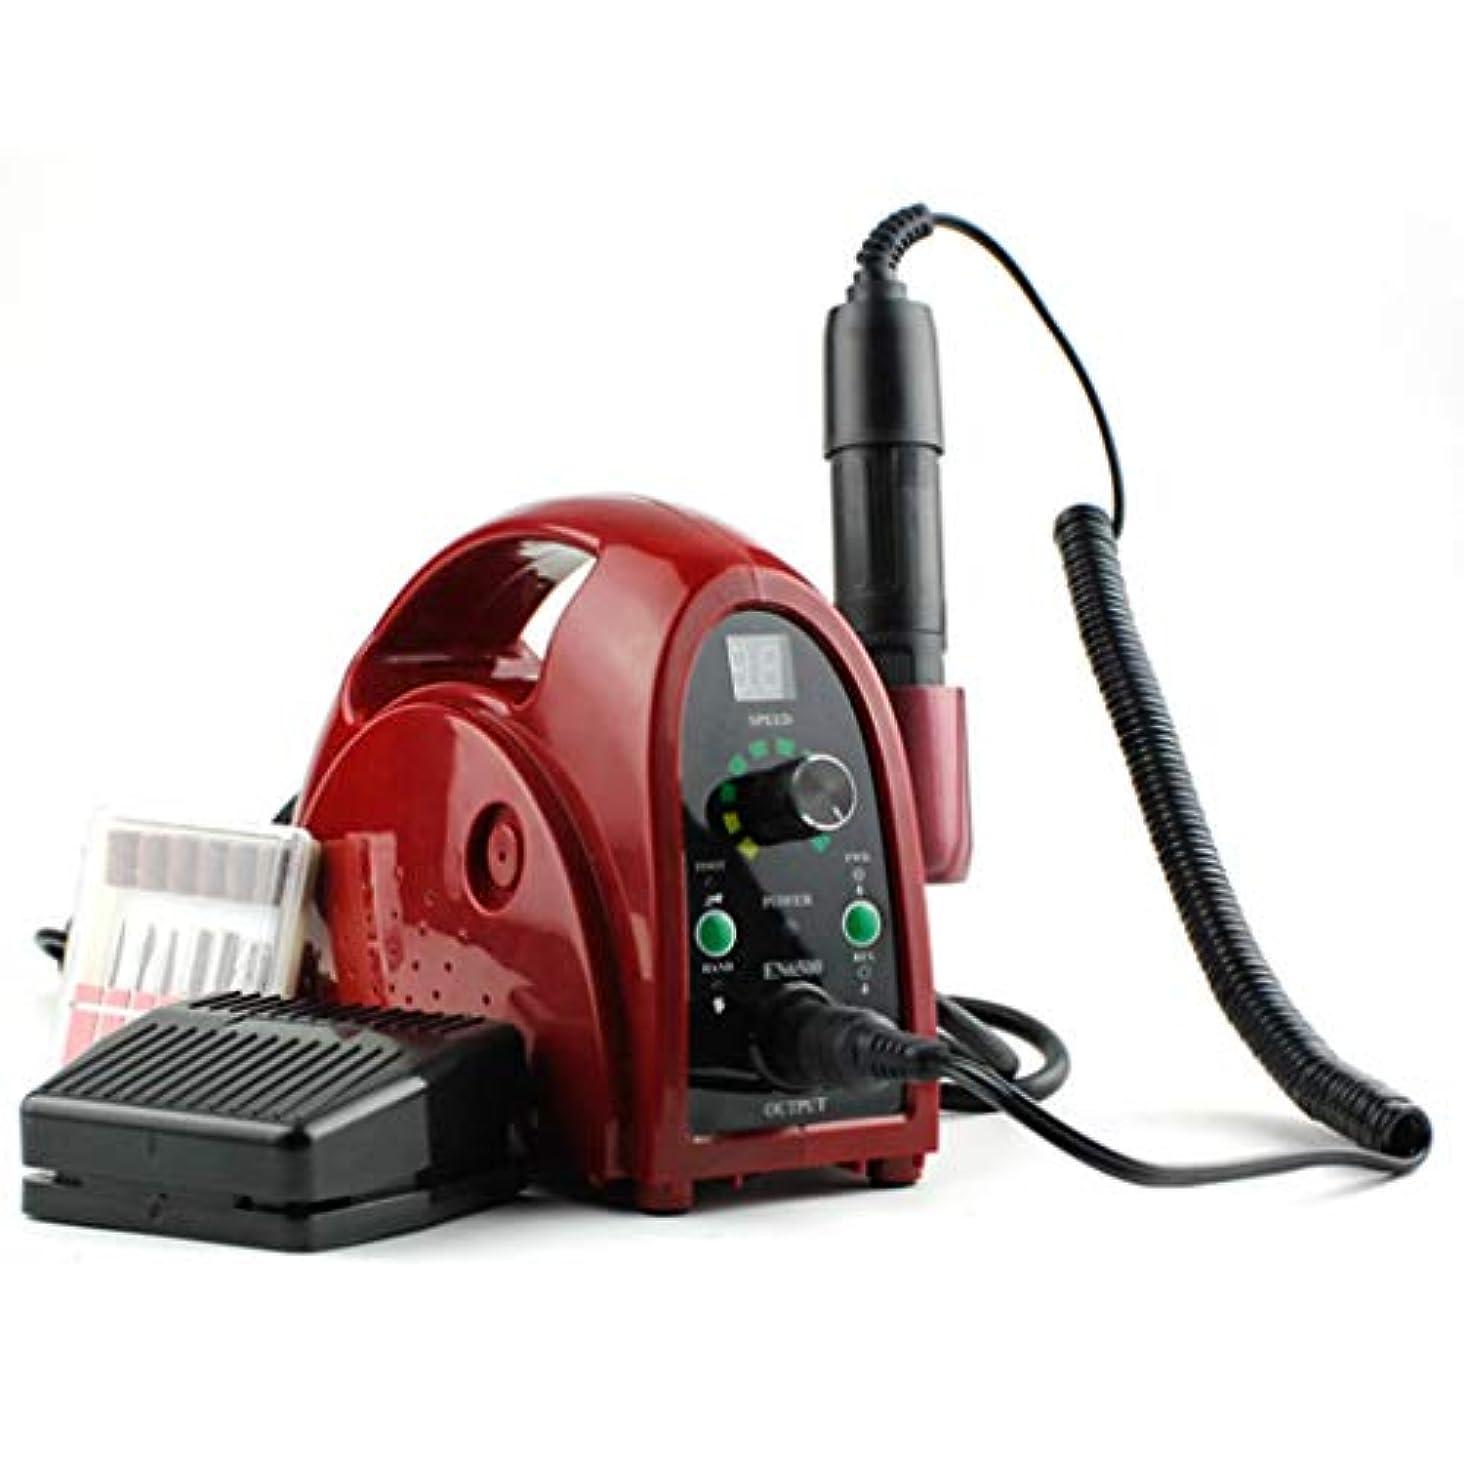 廃棄かび臭い回想ネイルマシン 卓上式 電動 プロ セルフ 正逆回転 ジェルネイルオフ ネイルケア道具 ネイルドリル ネイルマシーン 爪手入れツール 3.5万回転/分,Red